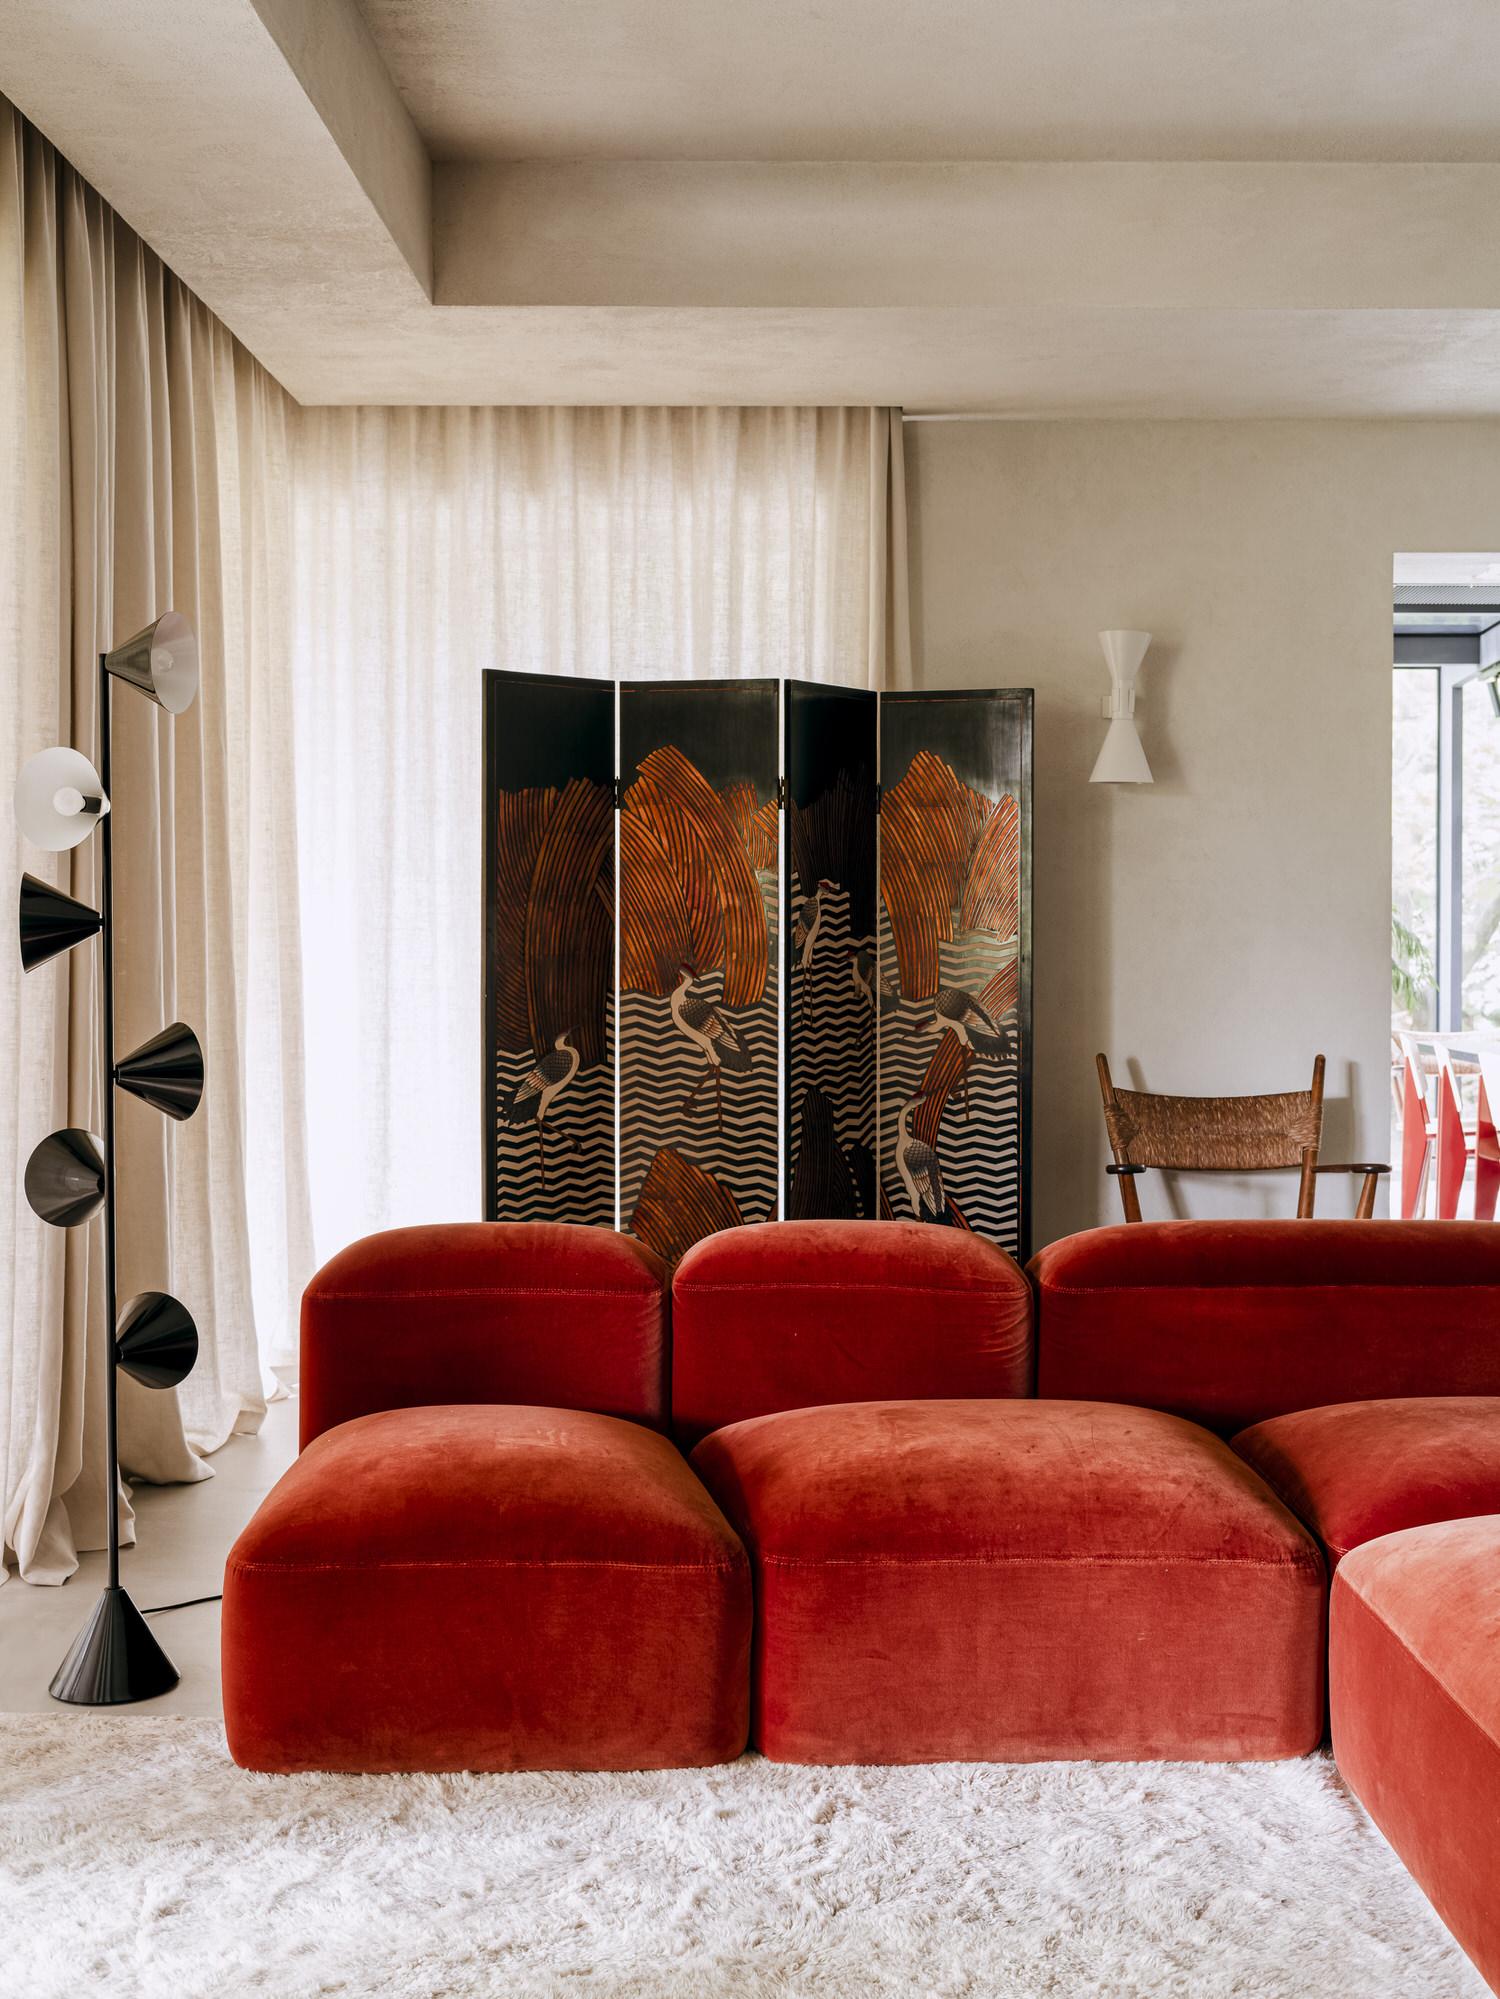 Paradowski Studio Fnl Apartment Warsaw Interiors Photo Pion Studio Yellowtrace 06